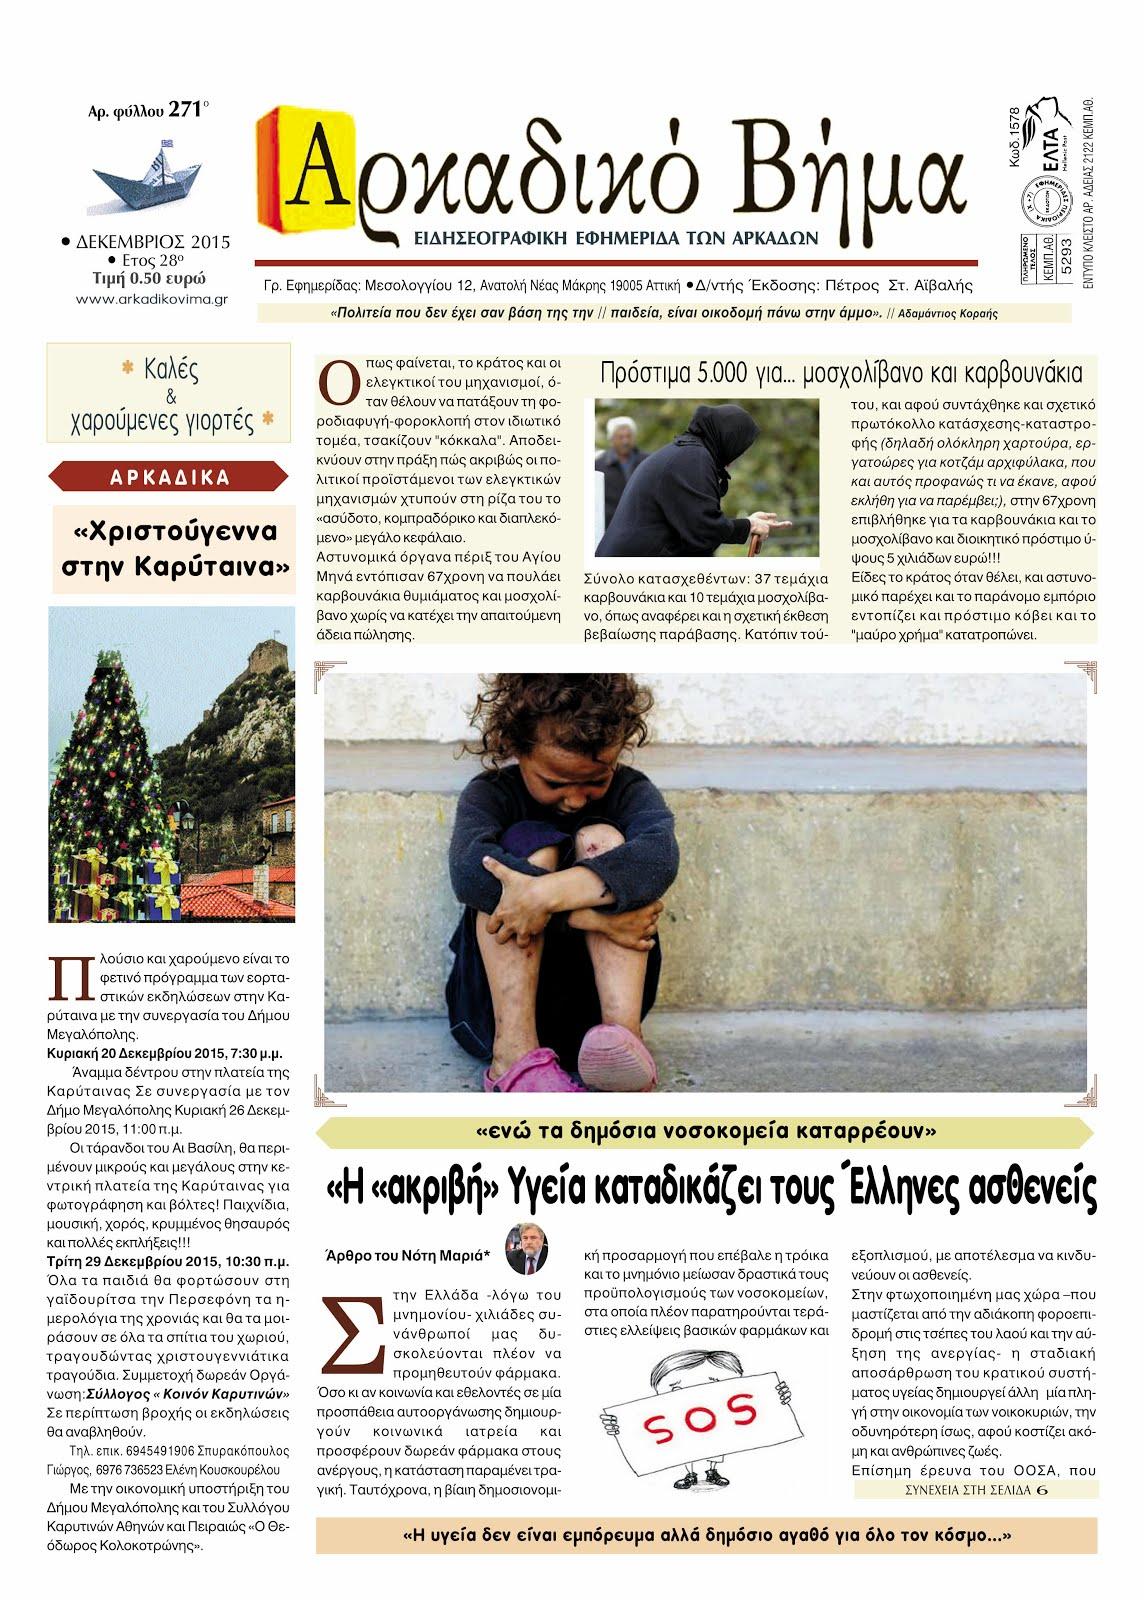 """Αρκαδικό Βήμα: Η """"ακριβή"""" Υγεία καταδικάζει τους 'Ελληνες ασθενείς"""